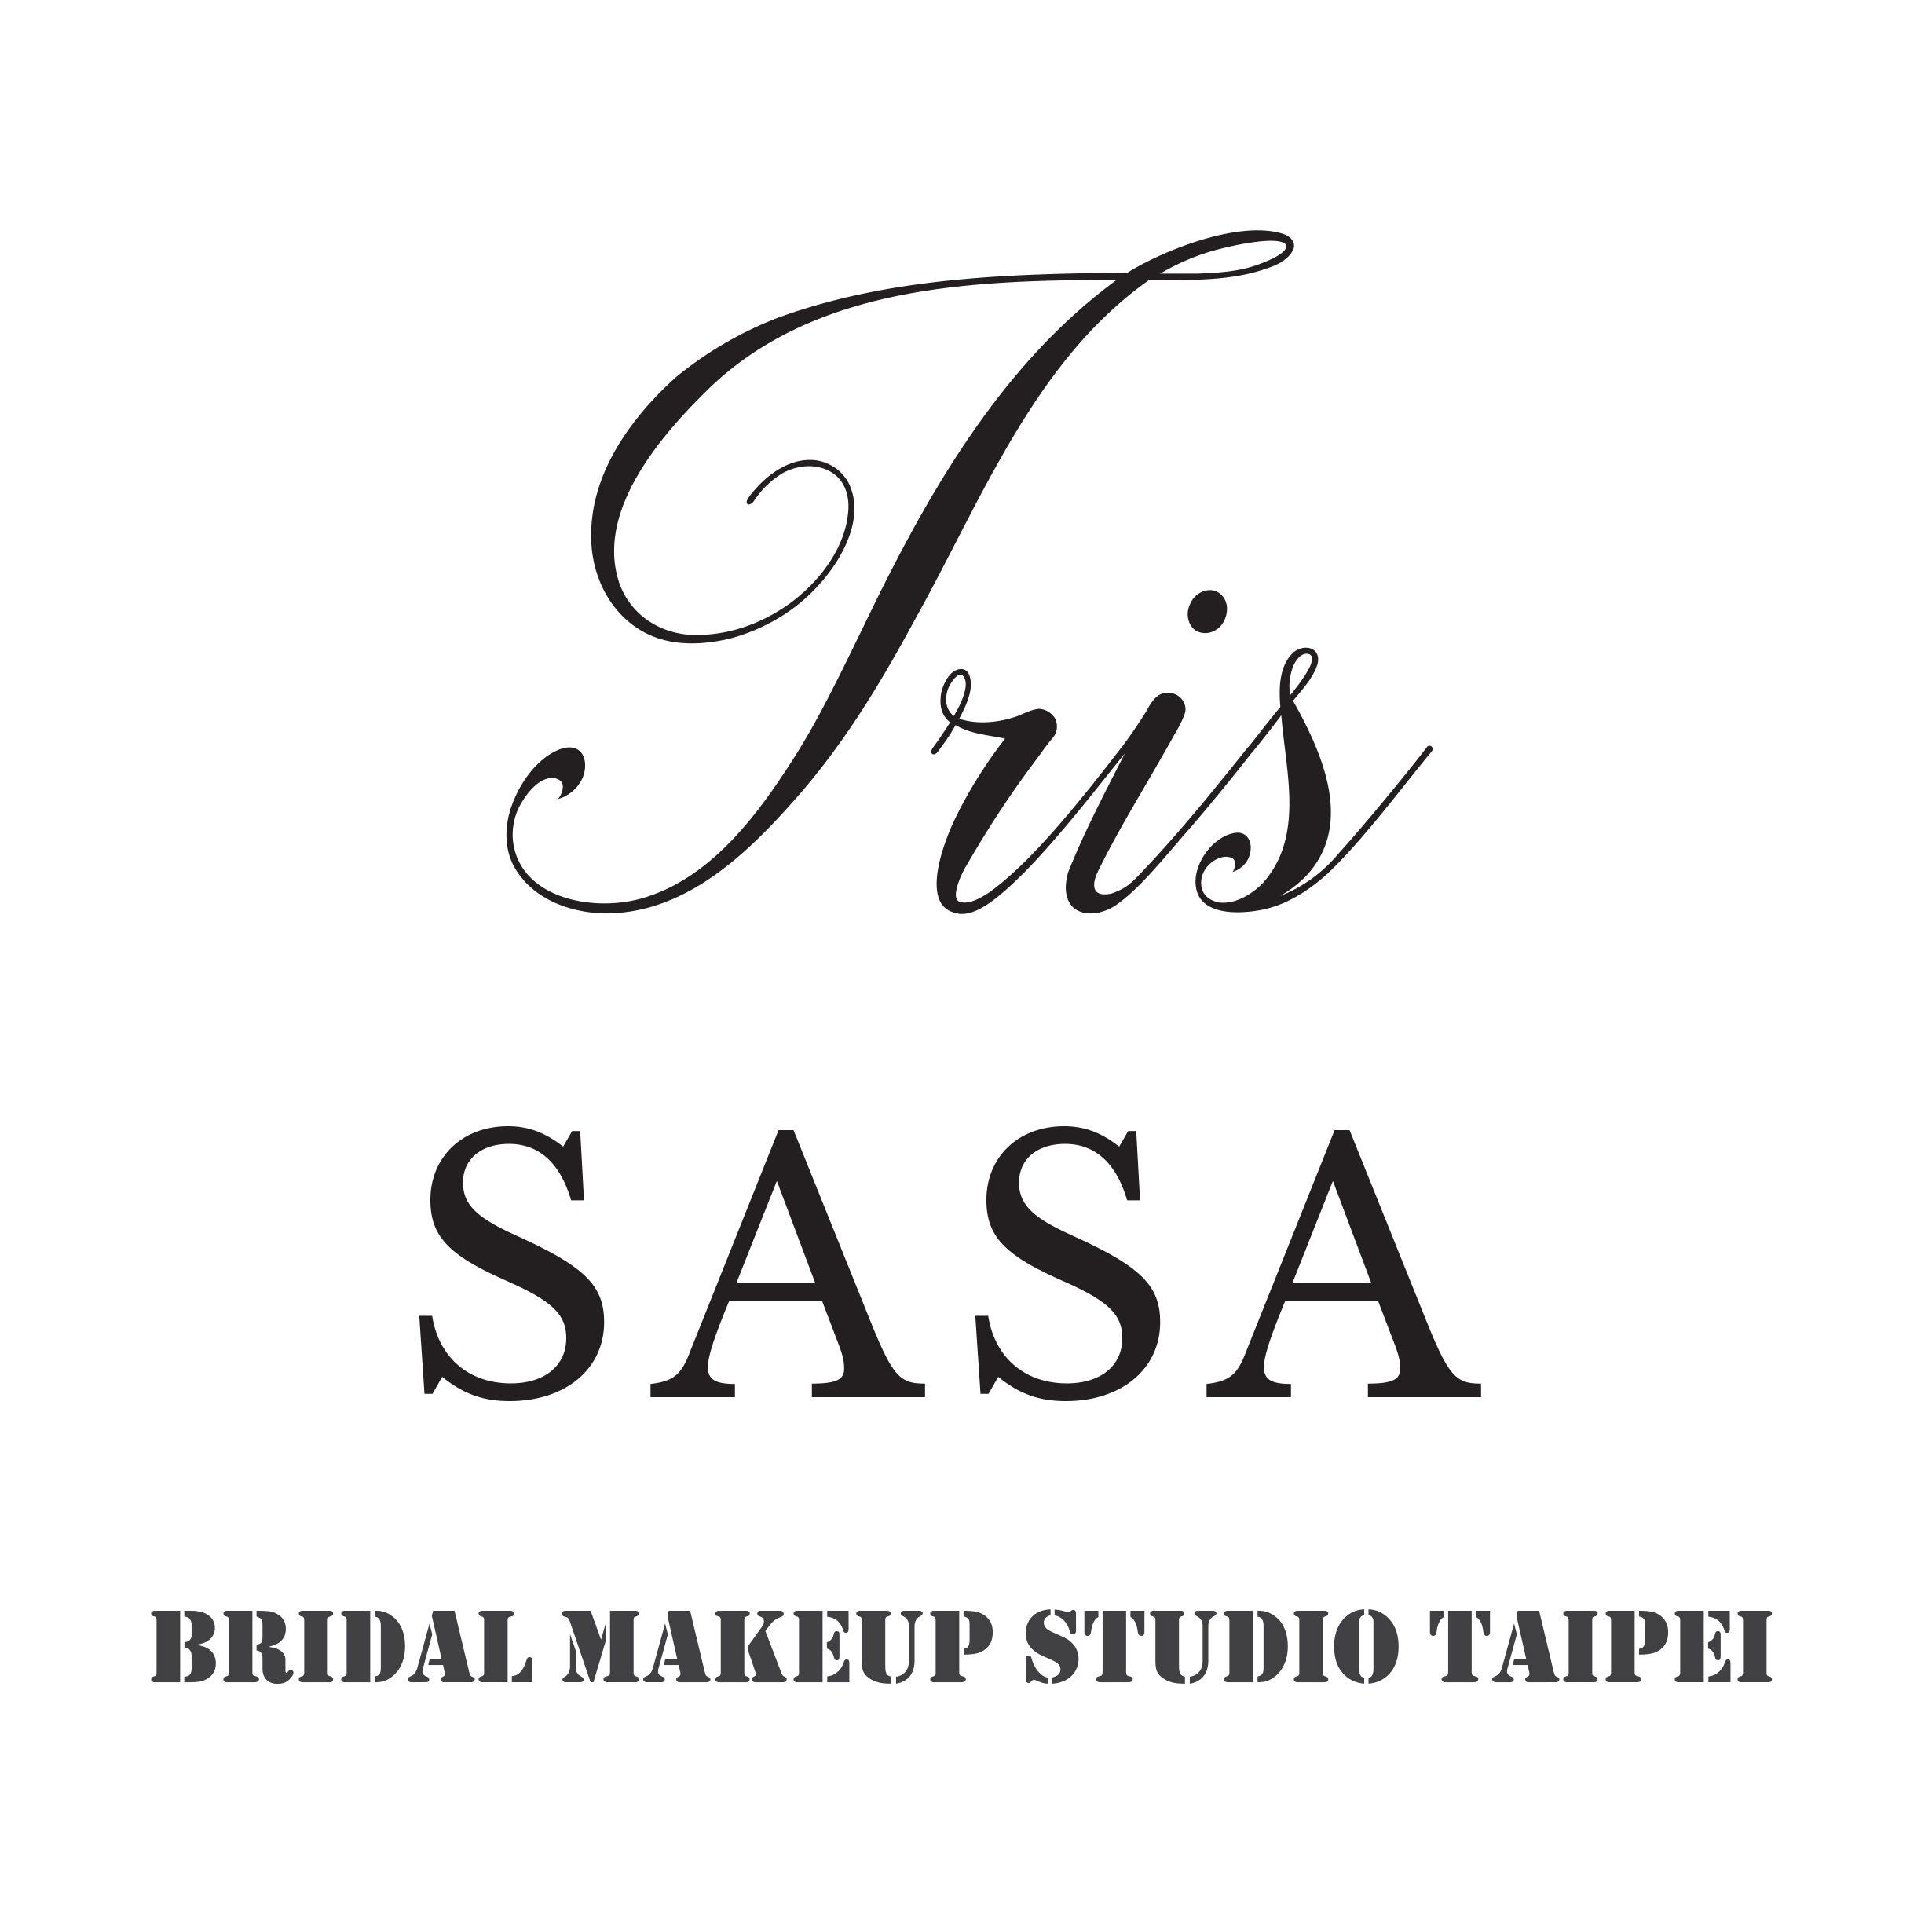 新娘秘書SaSa:專業新秘莎莎-新祕推薦|新娘秘書整體造型設計工作室